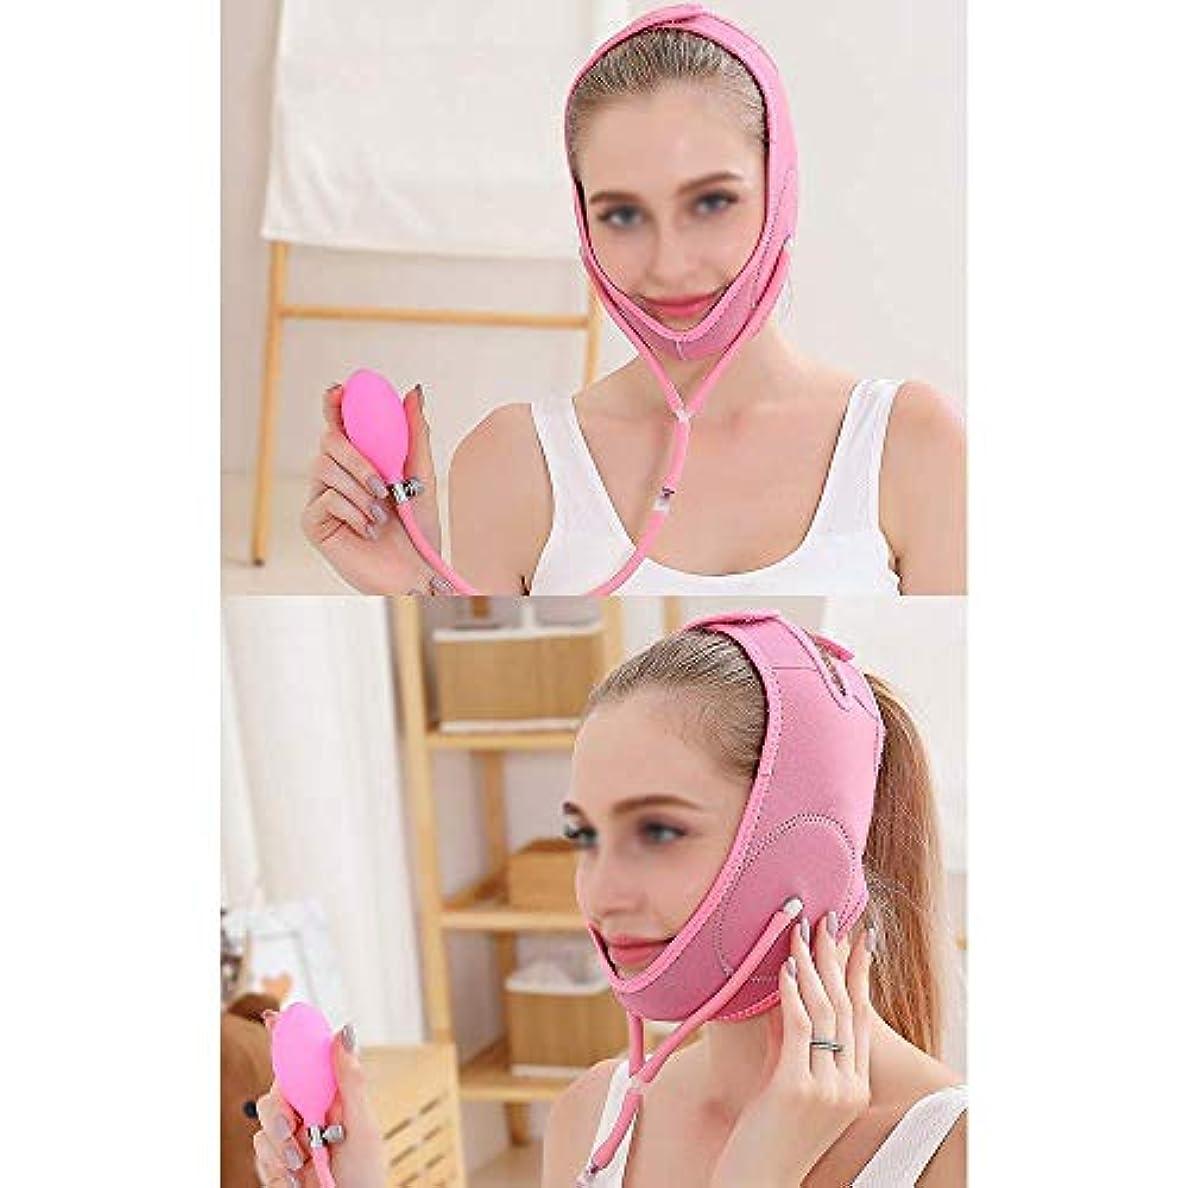 メーター退屈な吸収剤は二重あご、膨脹可能な顔の持ち上がる革紐、顔の持ち上がる包帯、減らされた二重あごの包帯(1つのサイズはすべてに合う)(色:ピンク)を効果的に改善する,ピンク